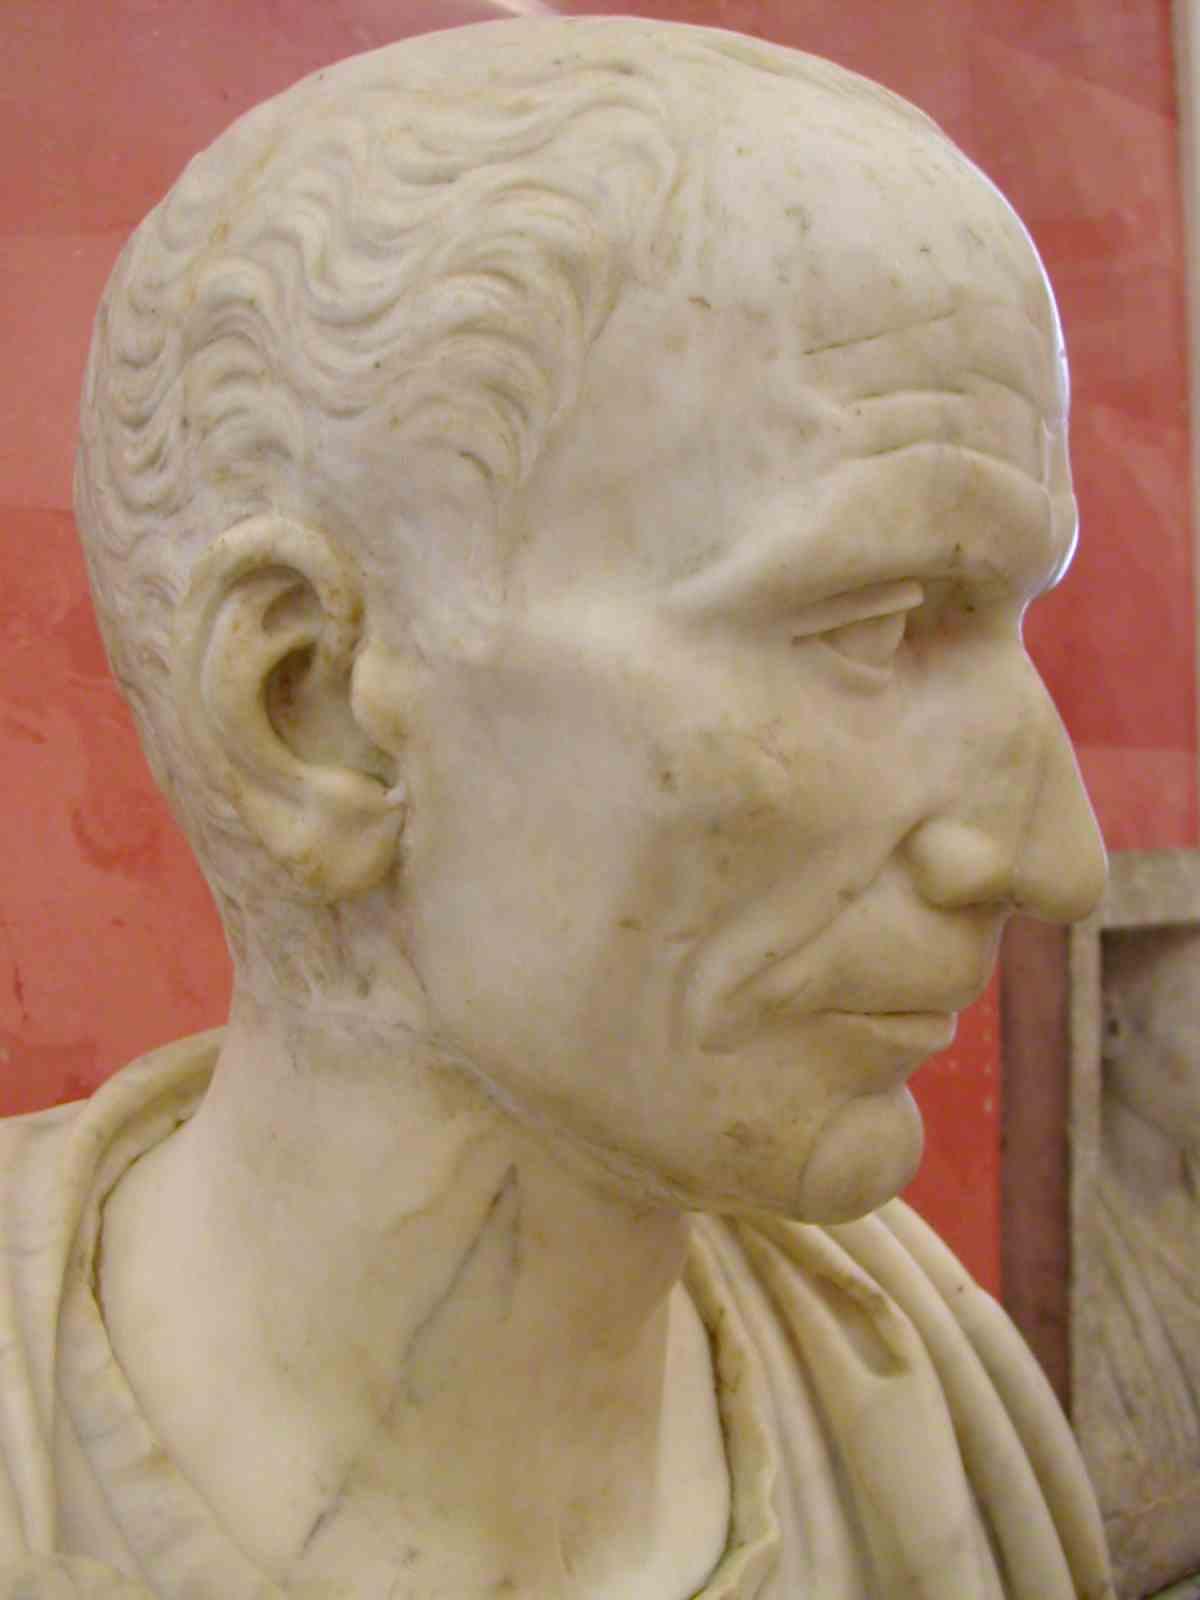 julius caesar coursework A list of all the characters in julius caesar the julius caesar characters covered include: brutus, julius caesar, antony, cassius, octavius, casca, calpurnia, portia, flavius, cicero, lepidus, murellus, decius.